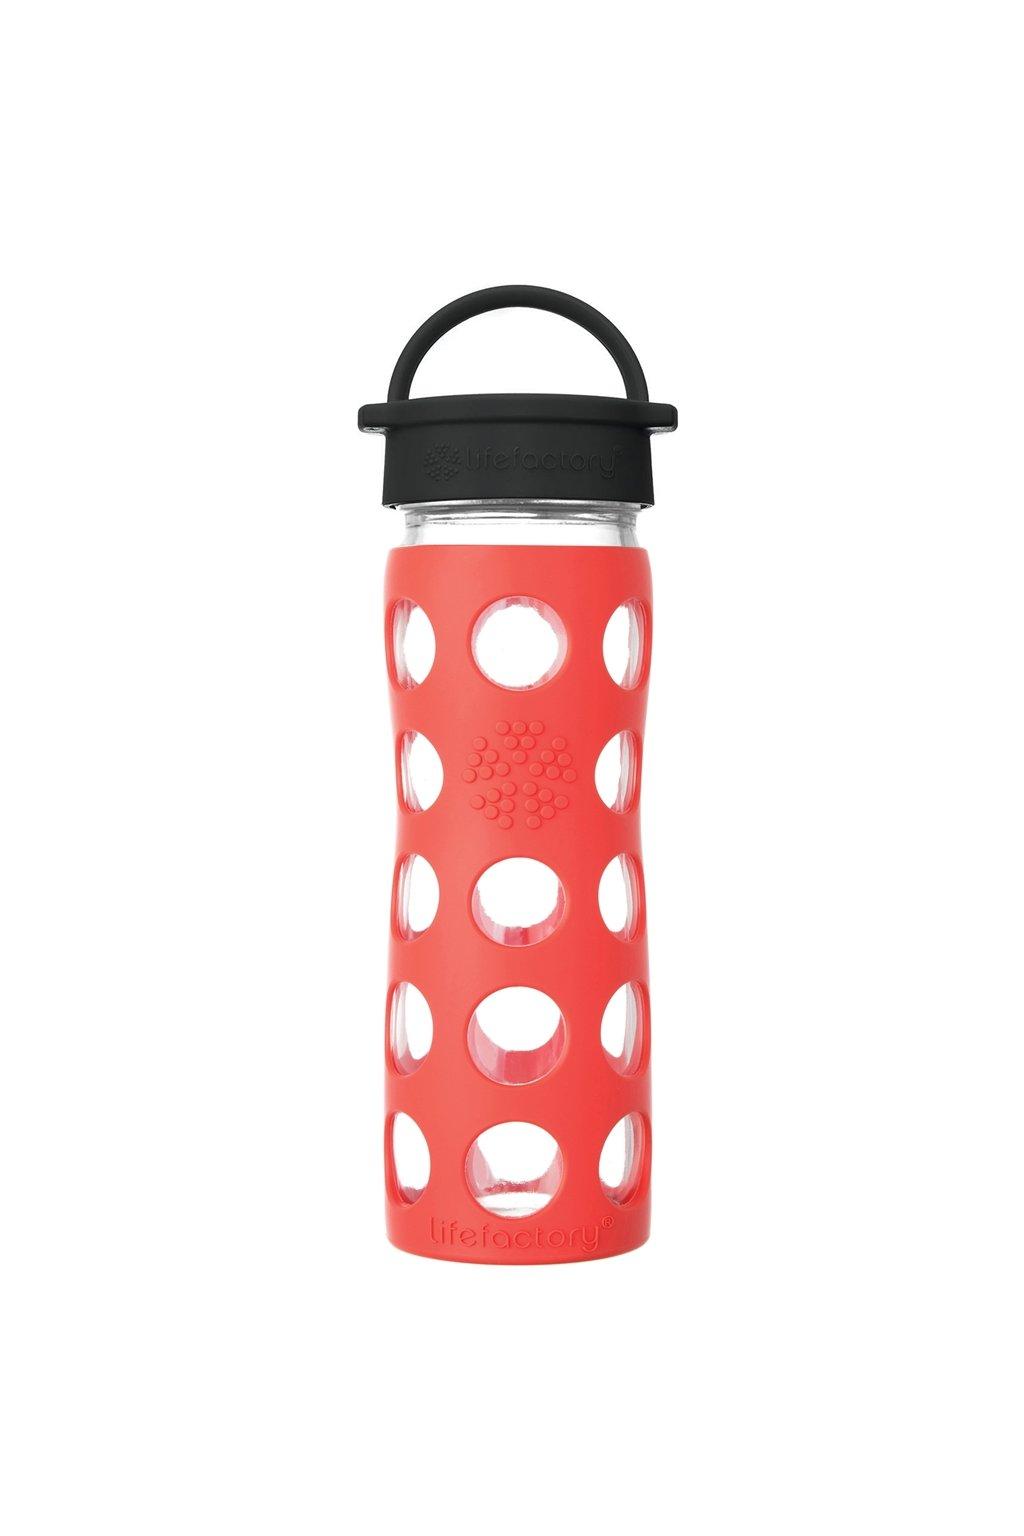 Sklenena flasa na vodu Lifefactory 475 ml Poppy